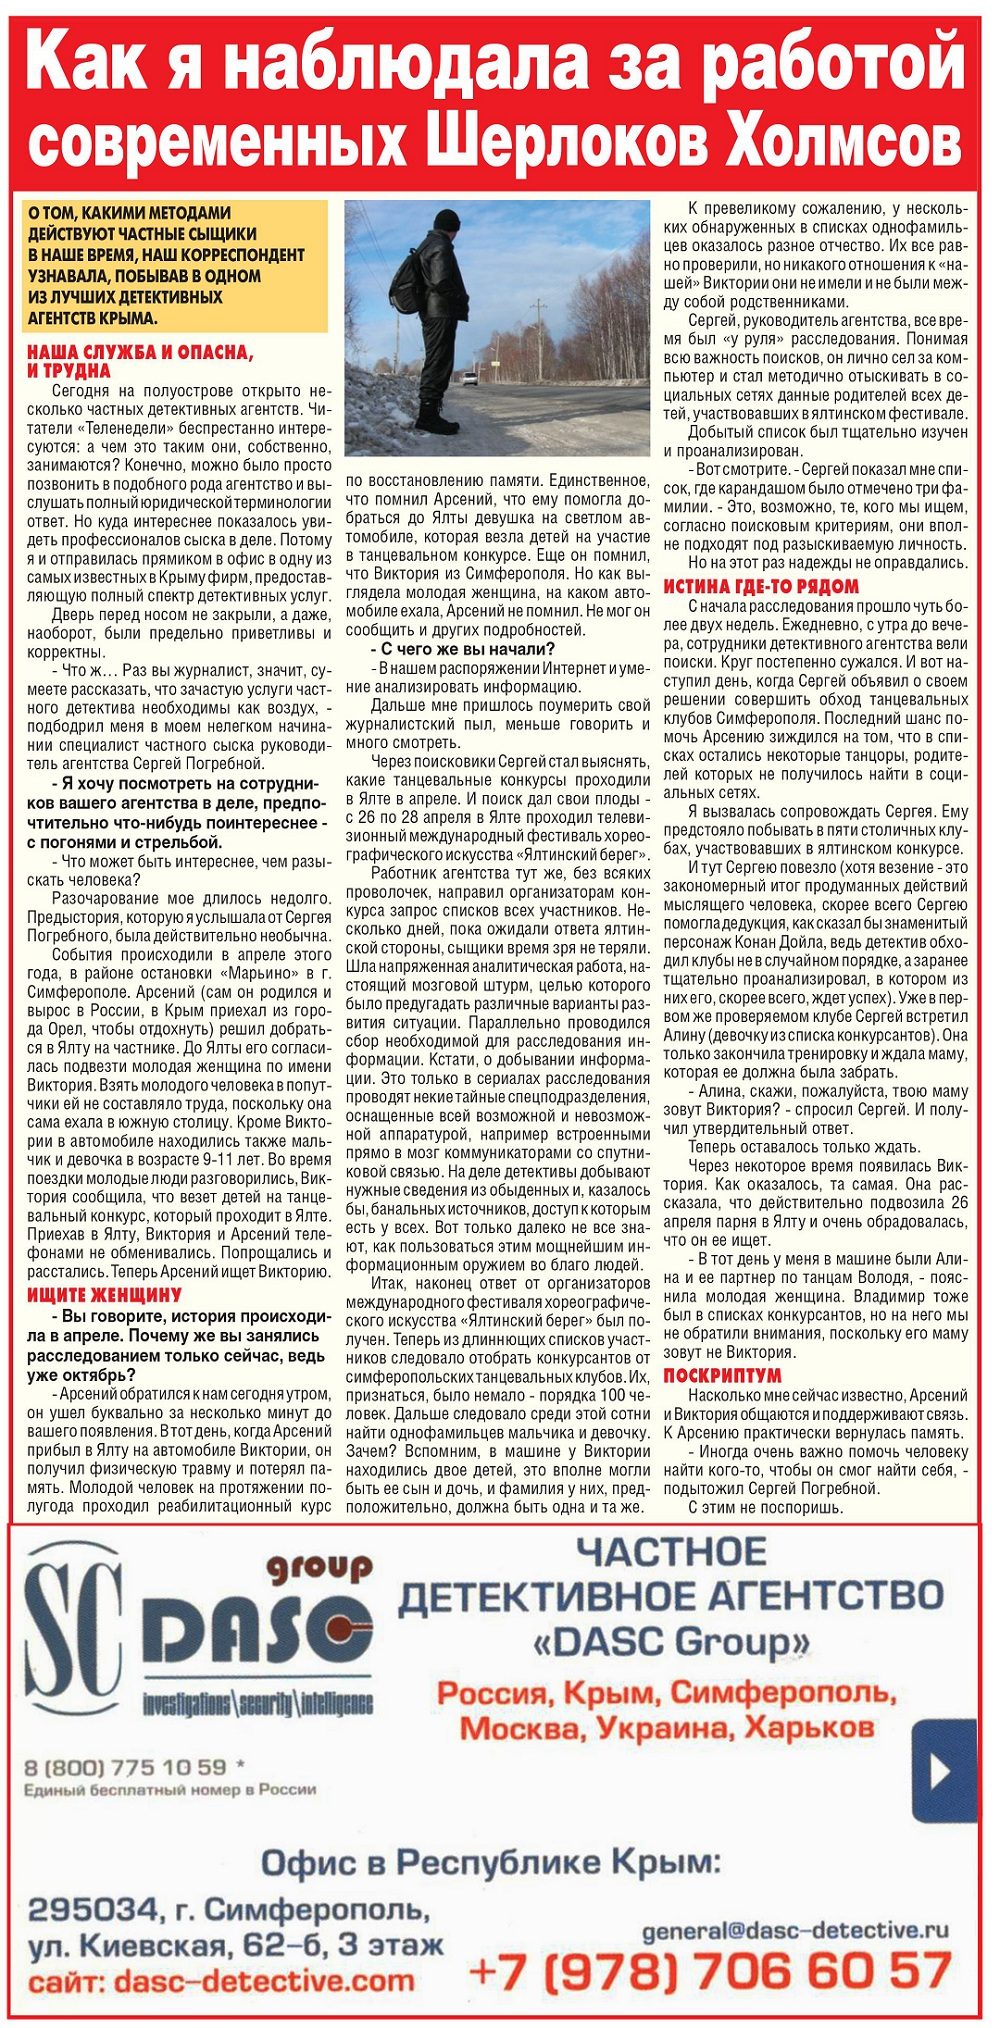 Статья о детективном агентстве DASC в Симферополе